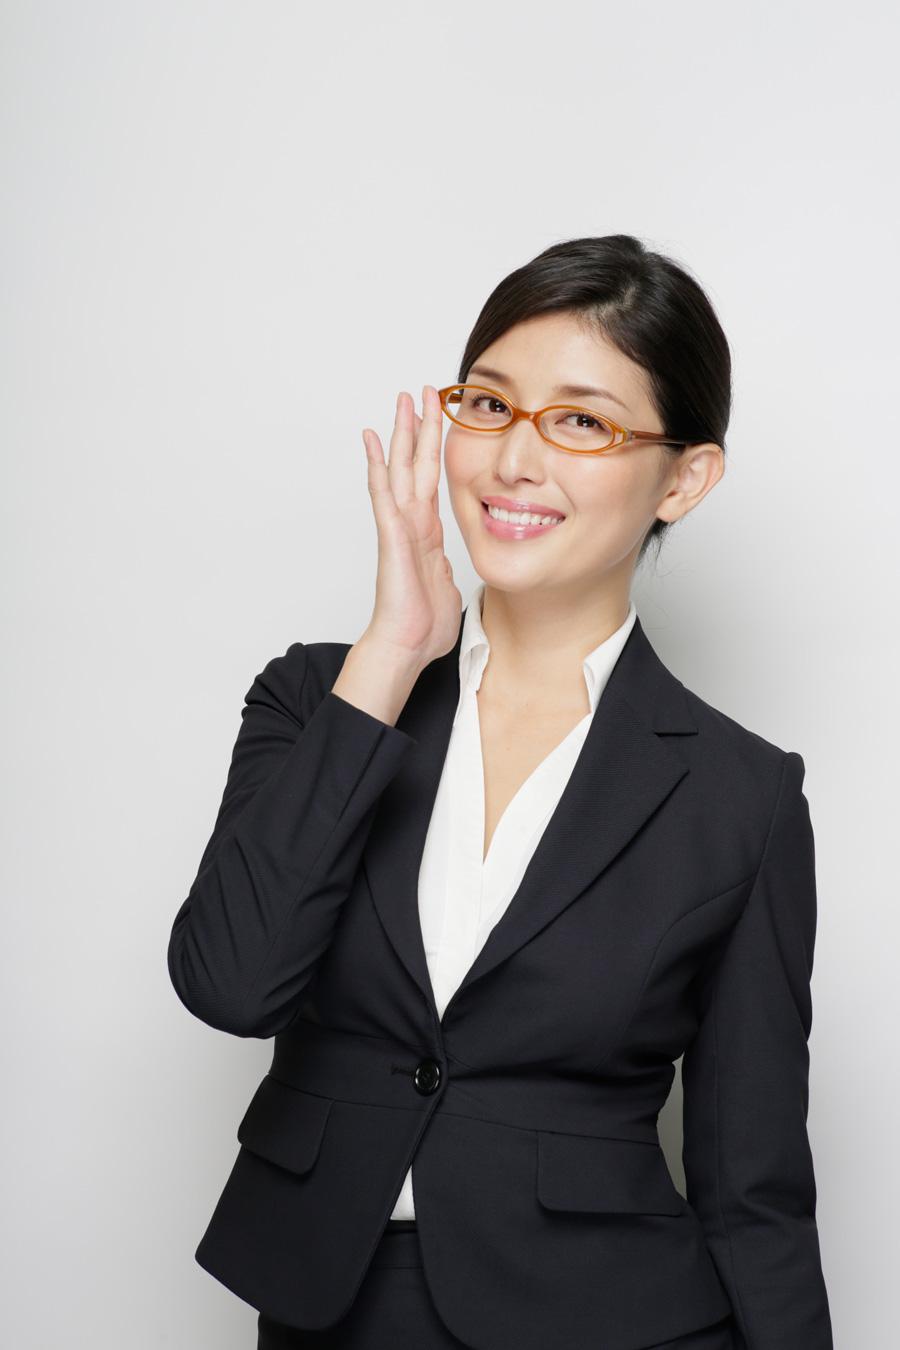 橋本マナミ-マナミ先輩